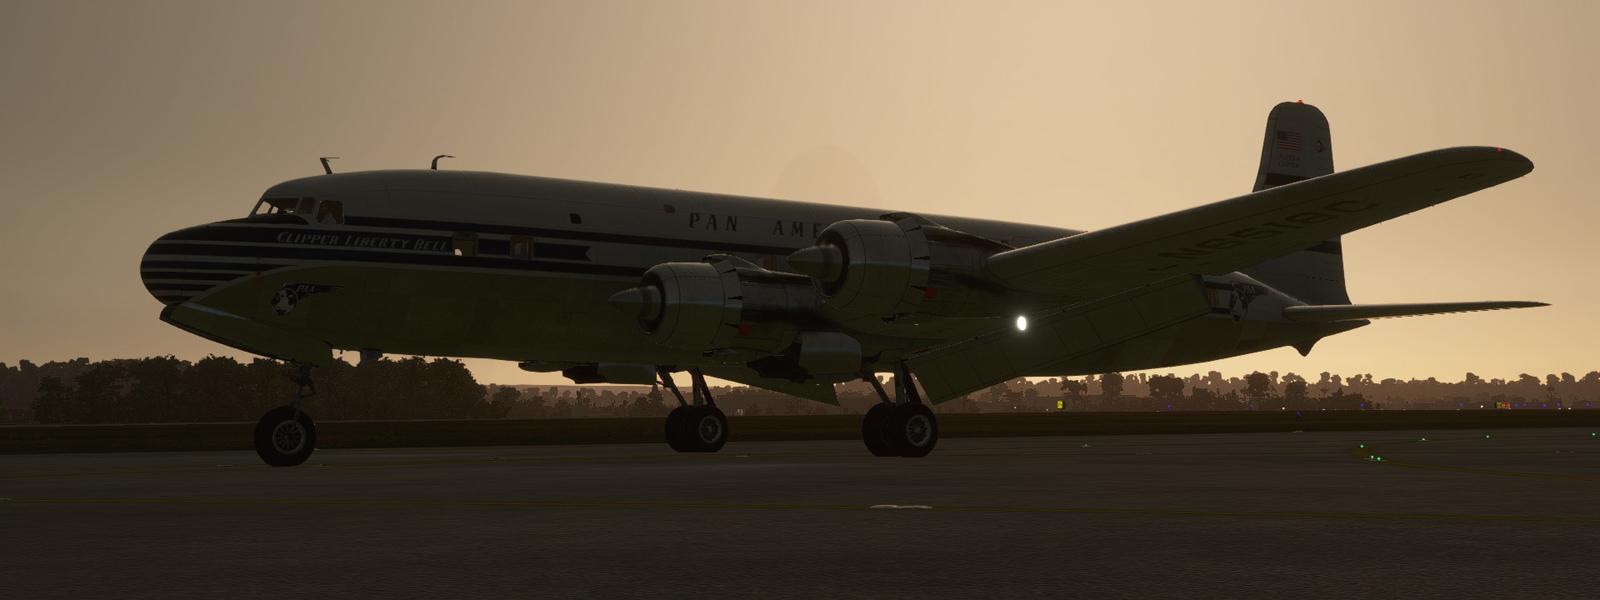 DC-6PMDG